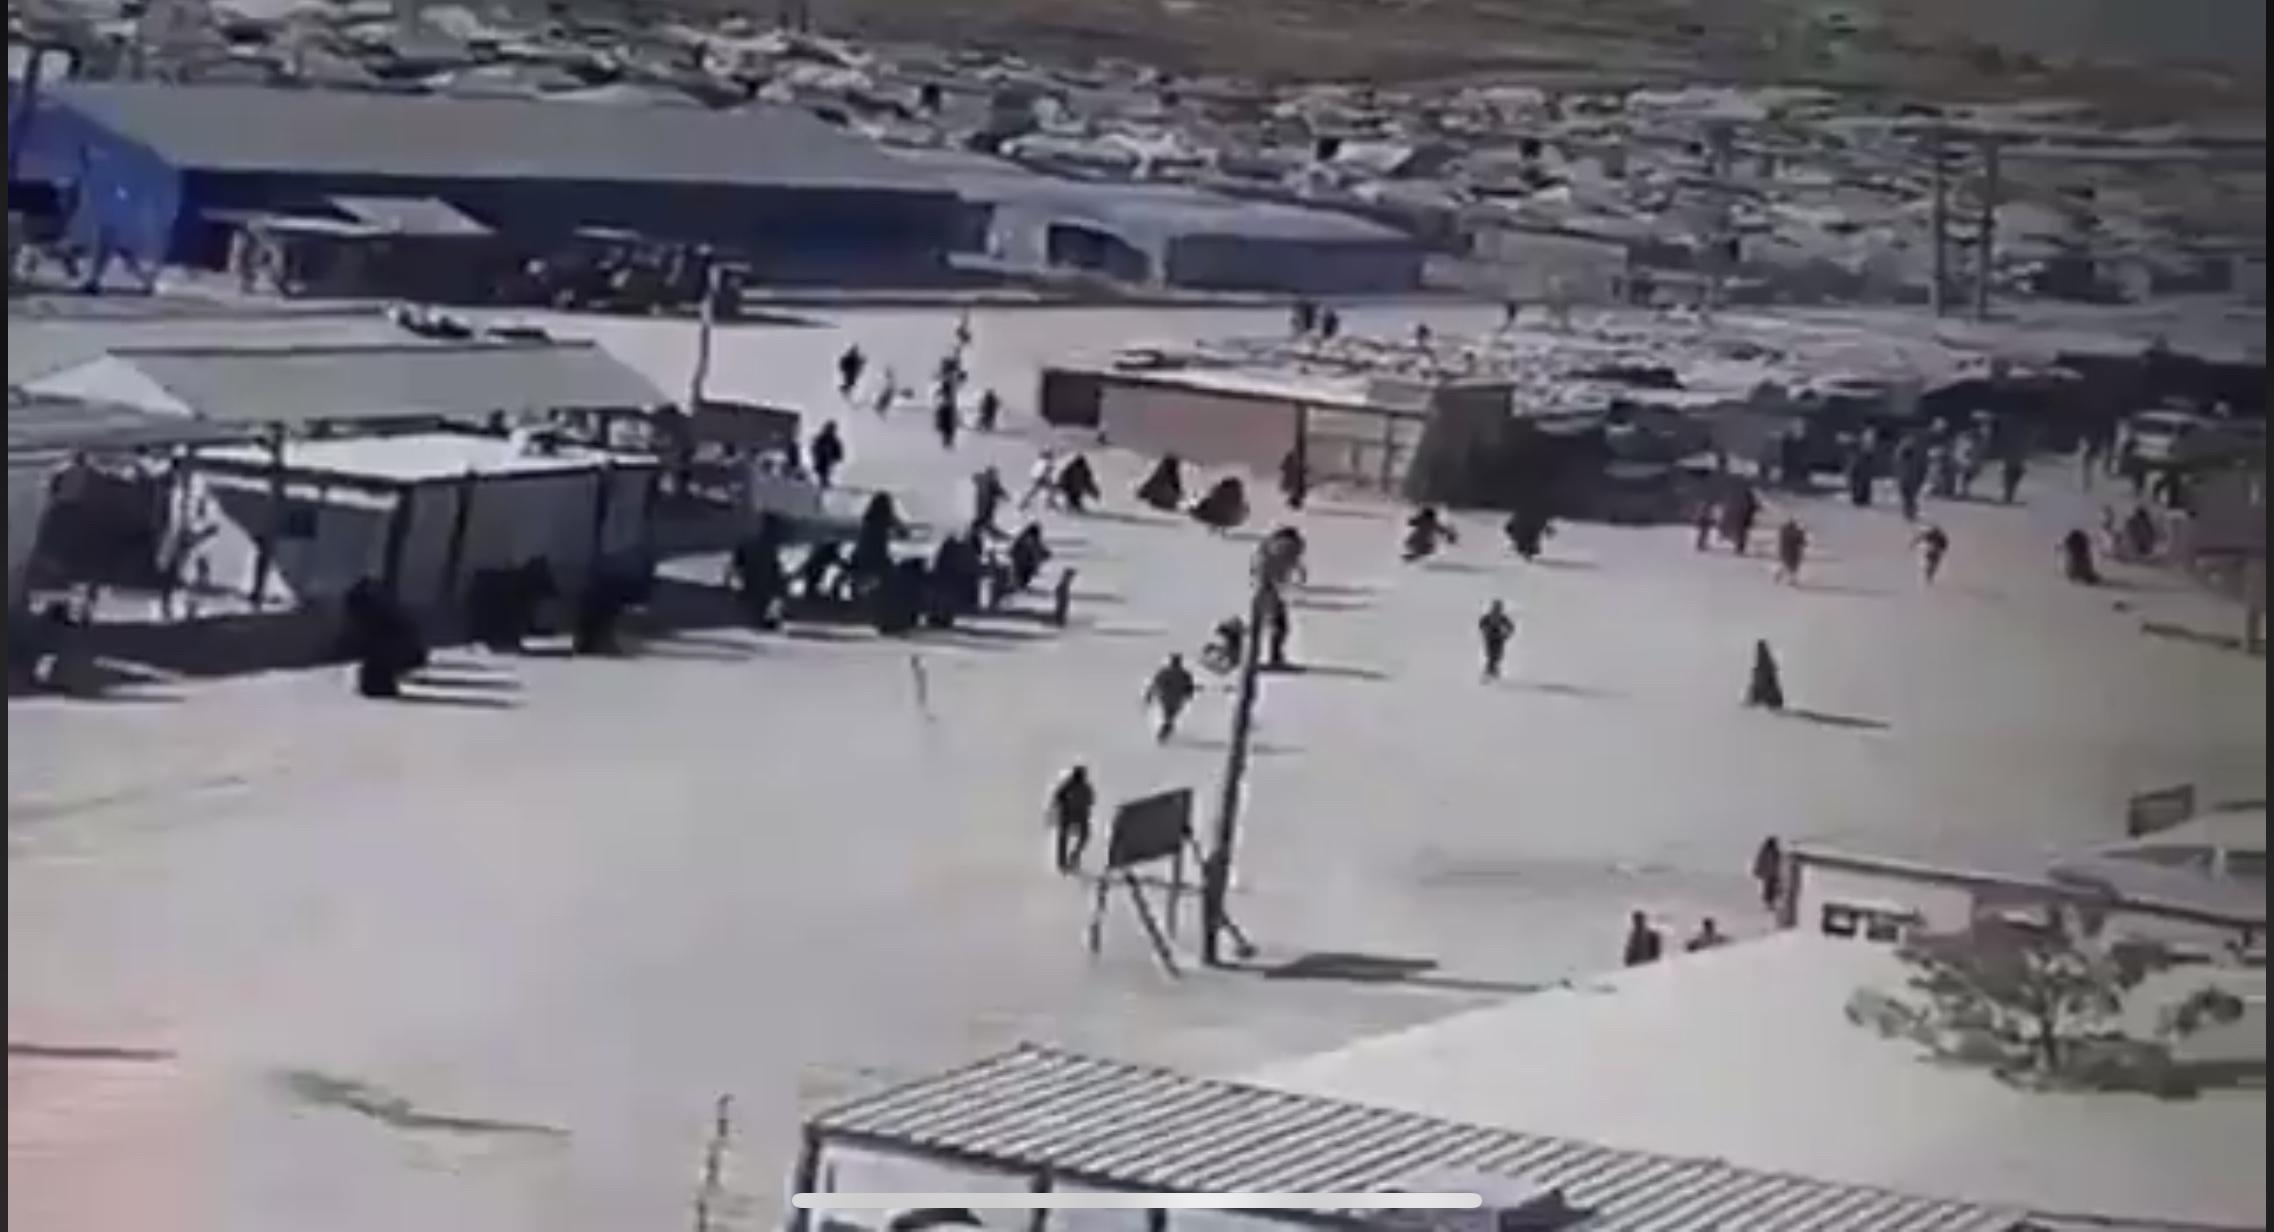 Οι Τούρκοι σφυροκόπησαν το στρατόπεδο προσφύγων στην Ain Issa – Απέδρασαν δεκάδες τζιχαντιστές του #ISIS